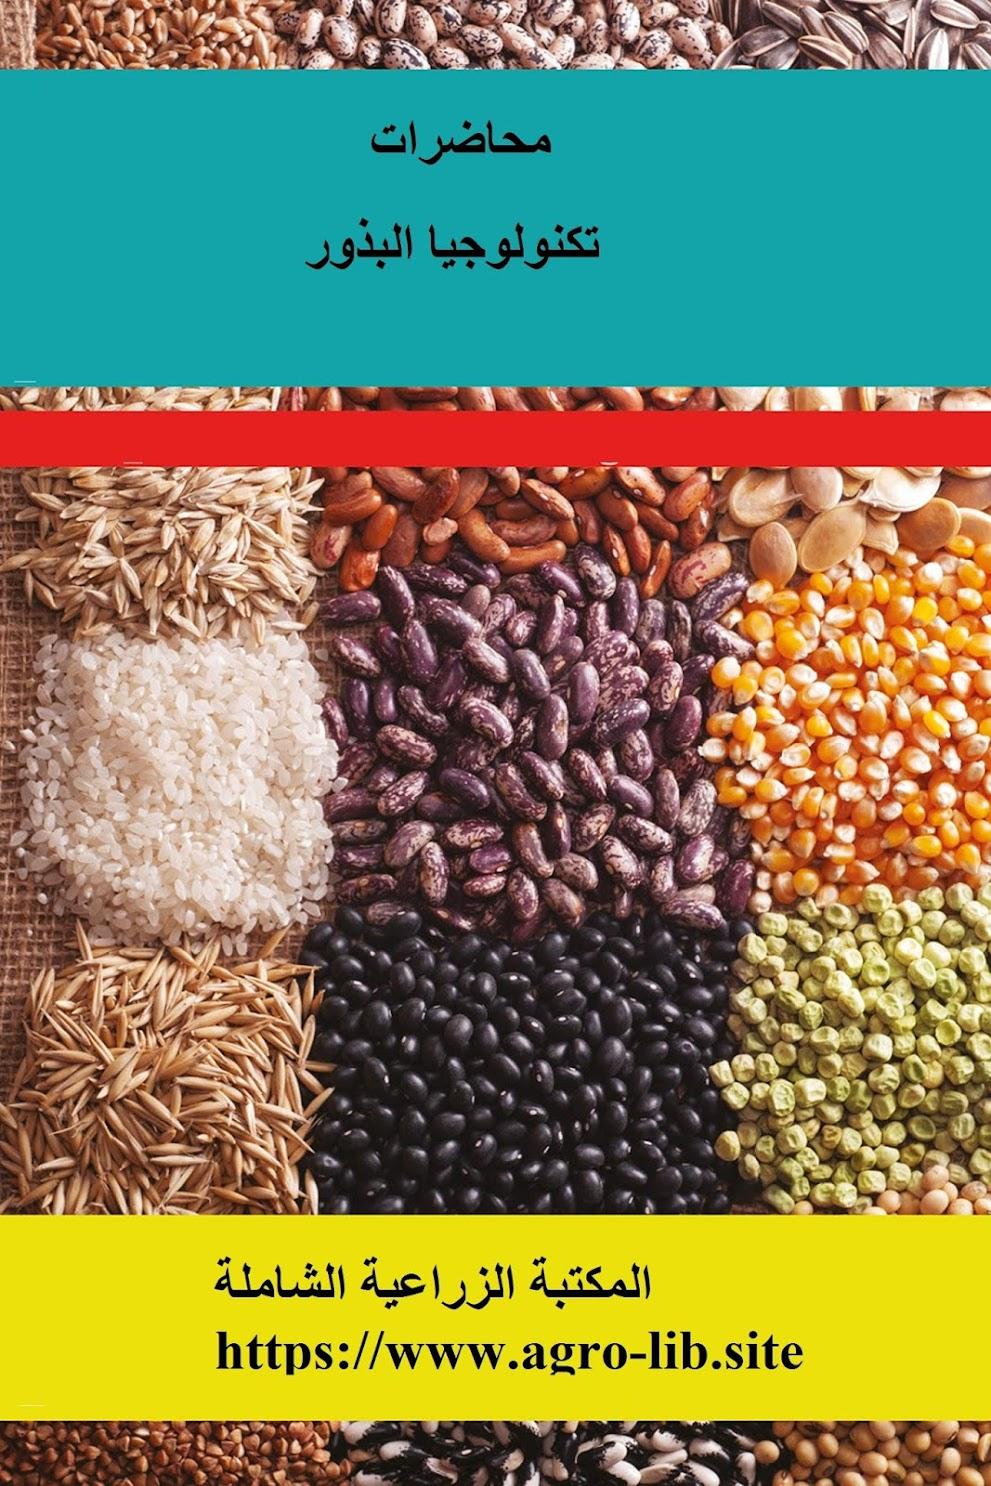 كتاب : محاضرات تكنولوجيا البذور